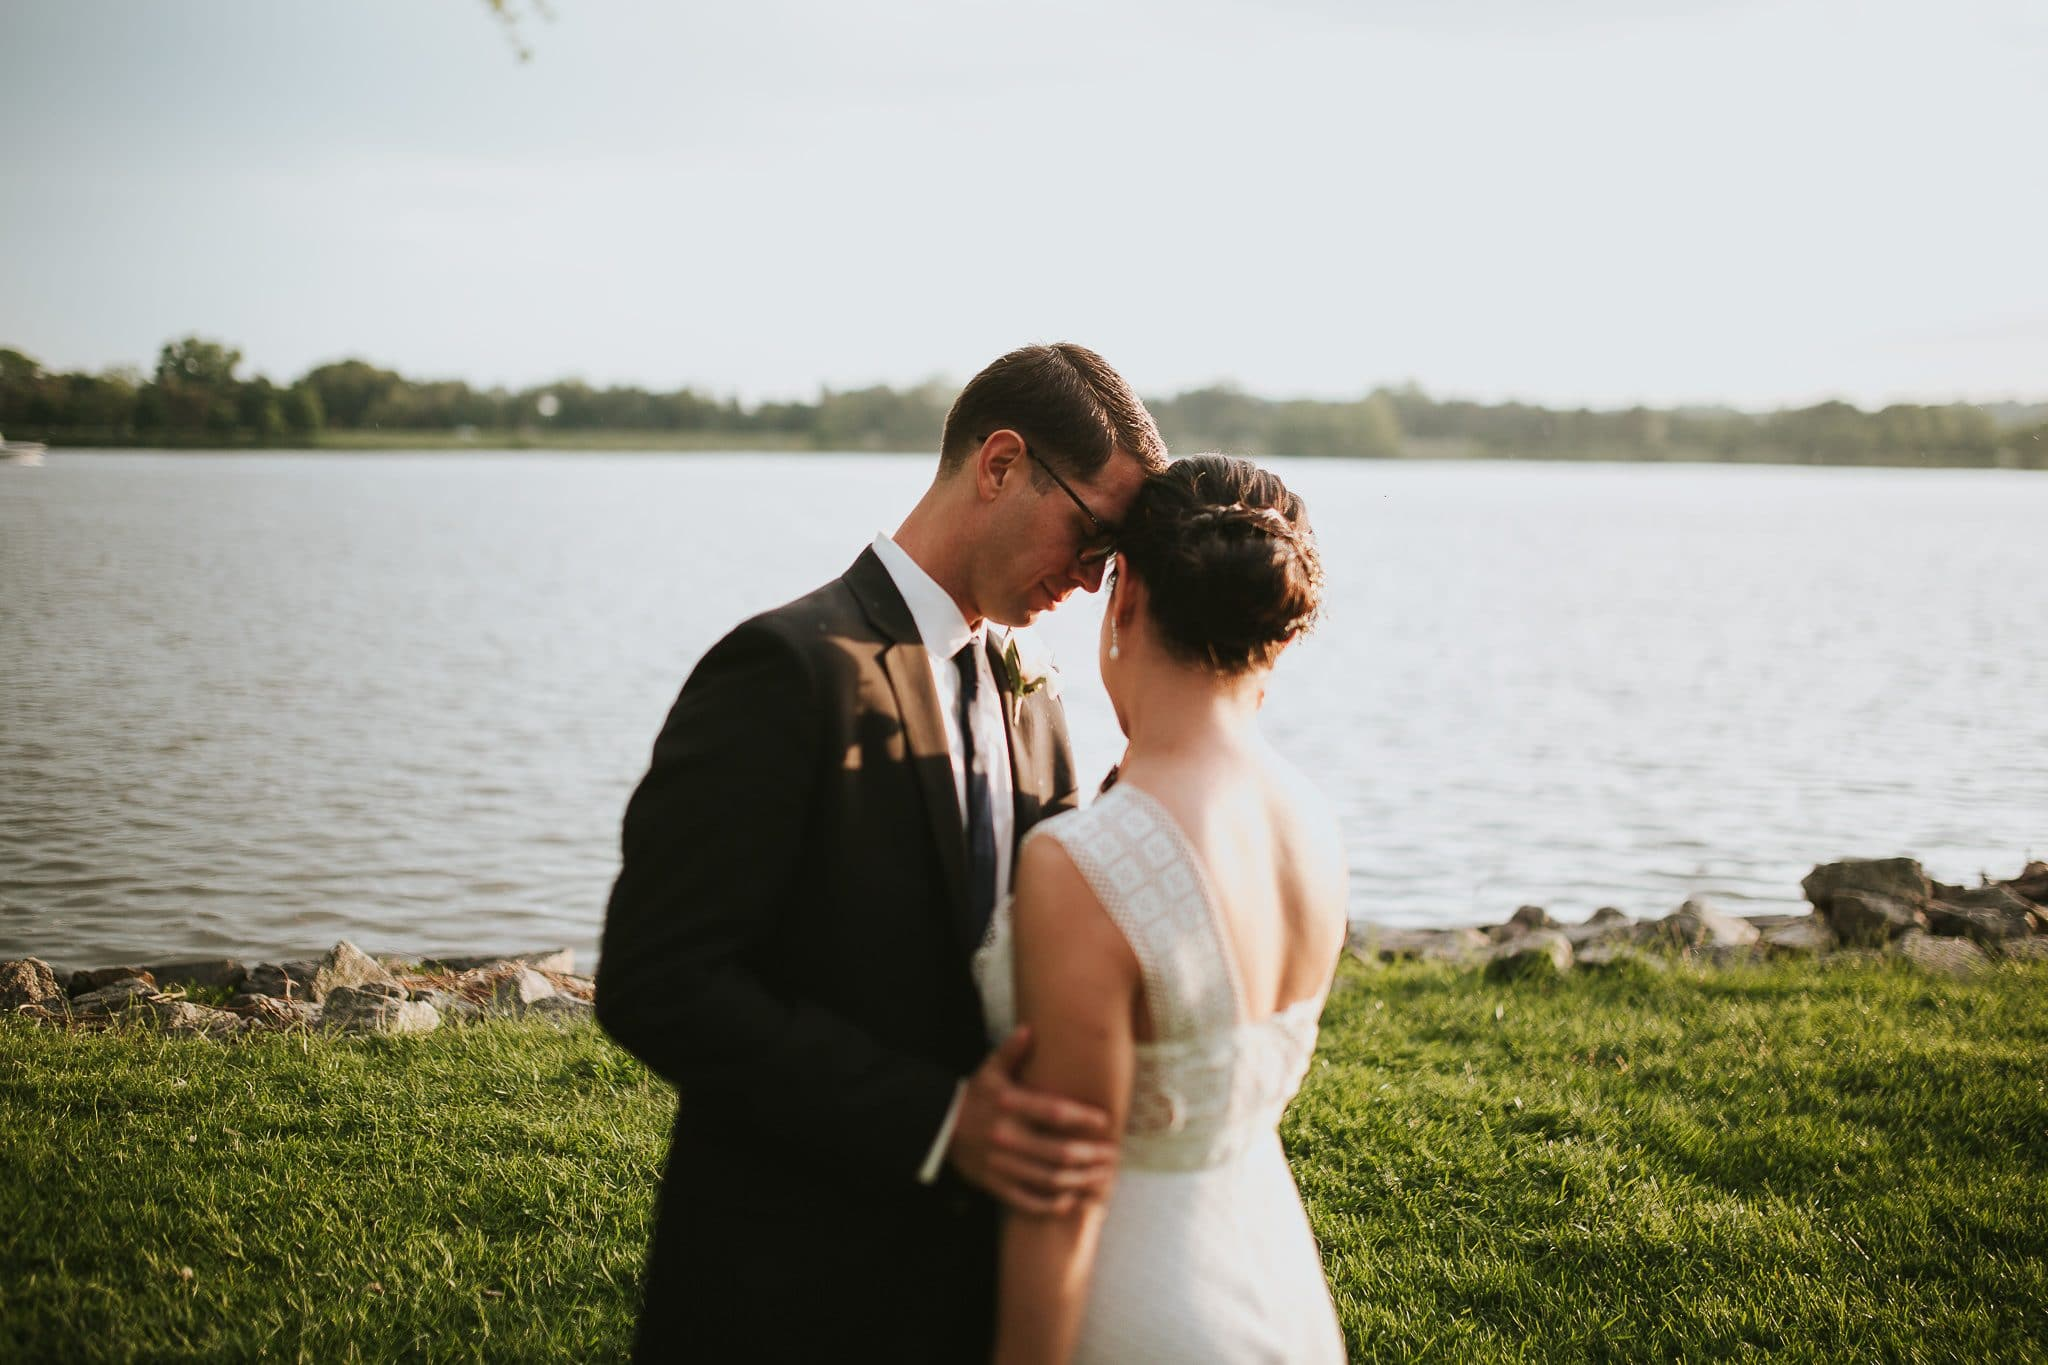 washington dc sunset wedding ceremony